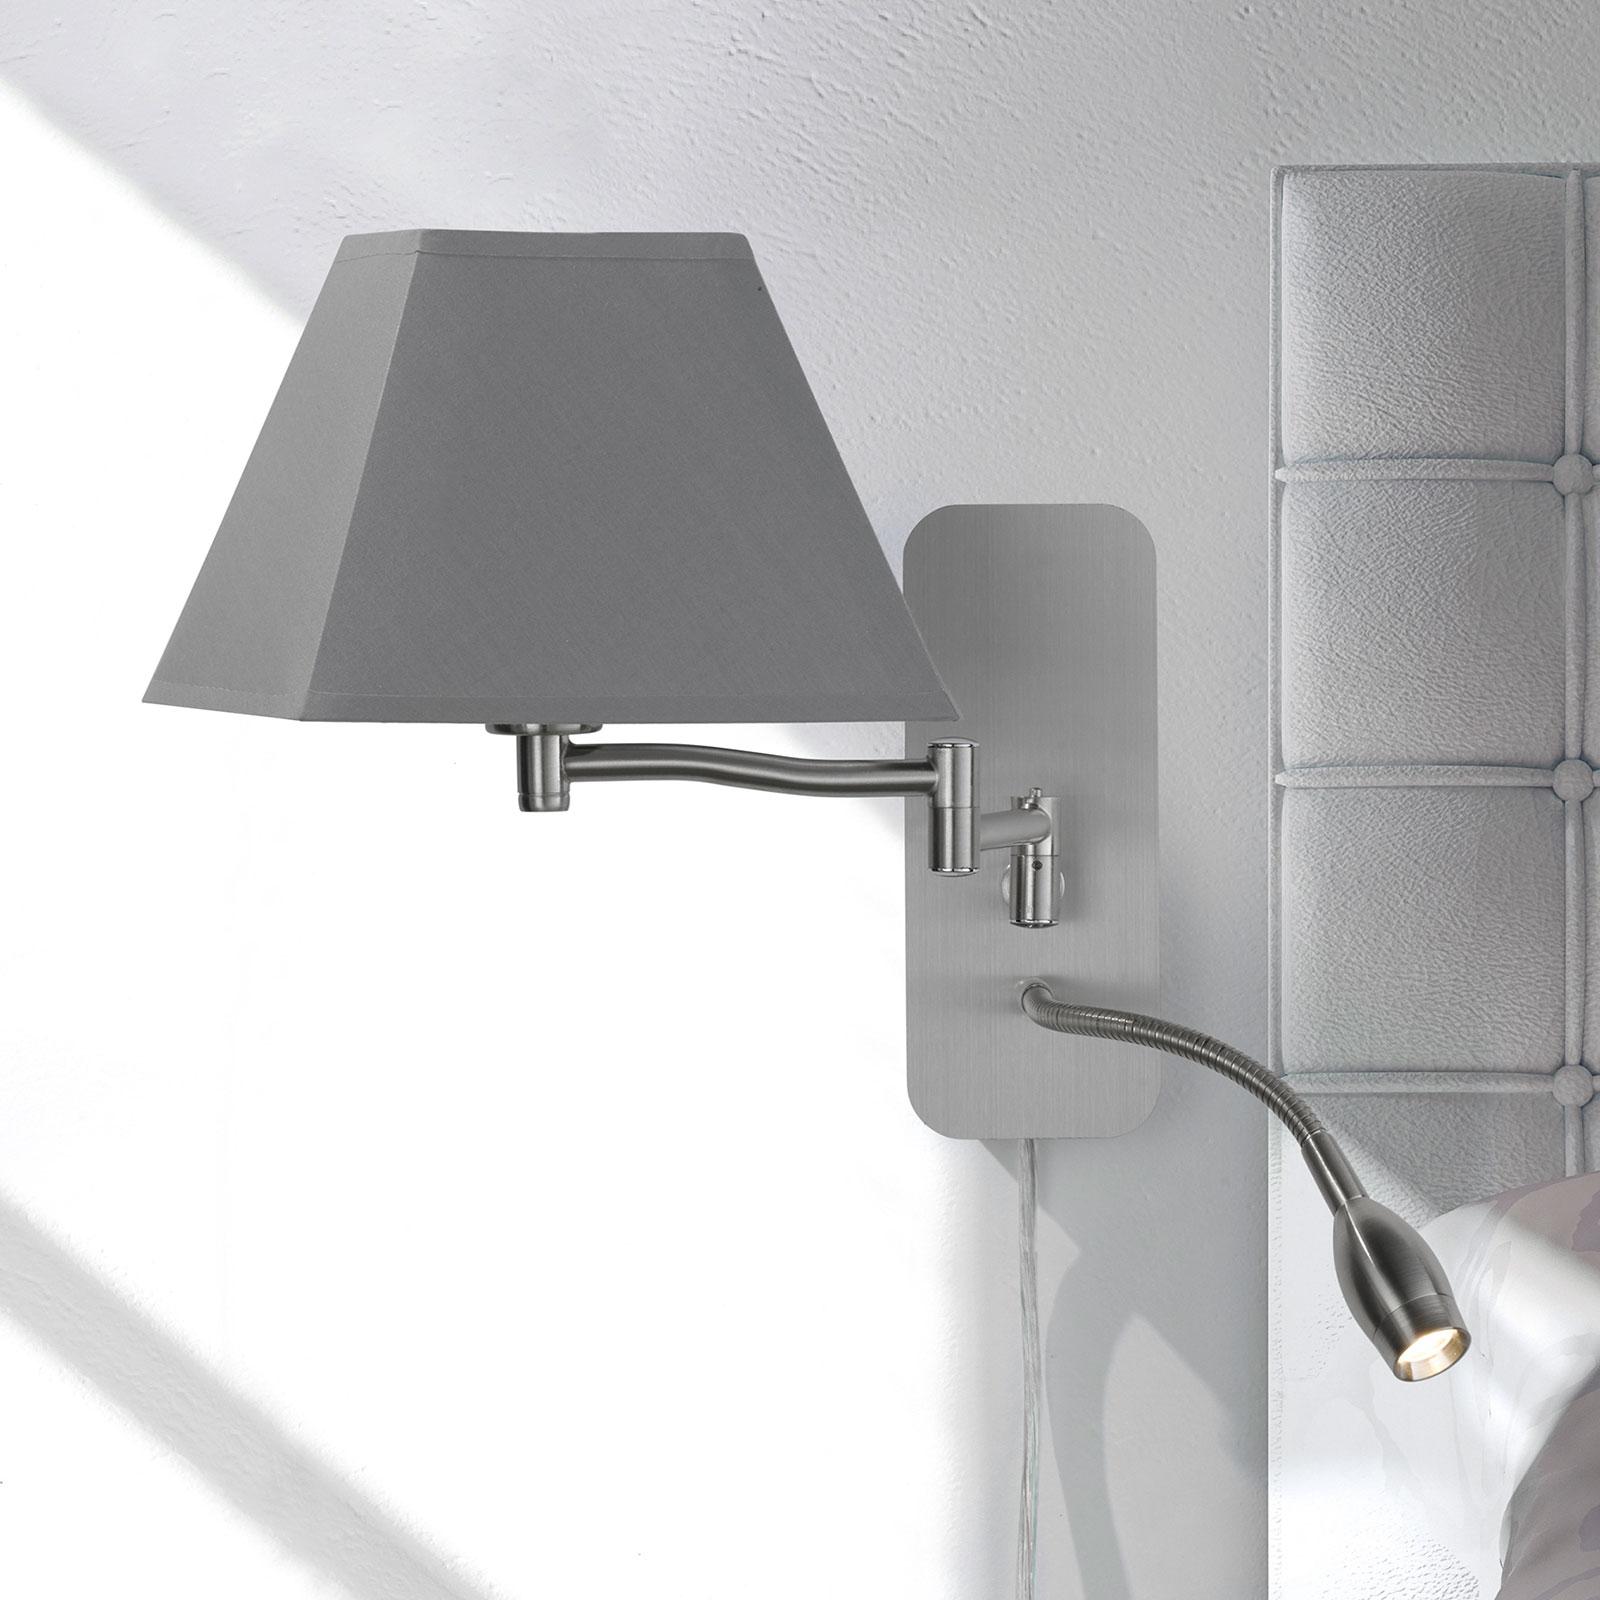 Applique tessile Hotel lampada LED lettura, grigia